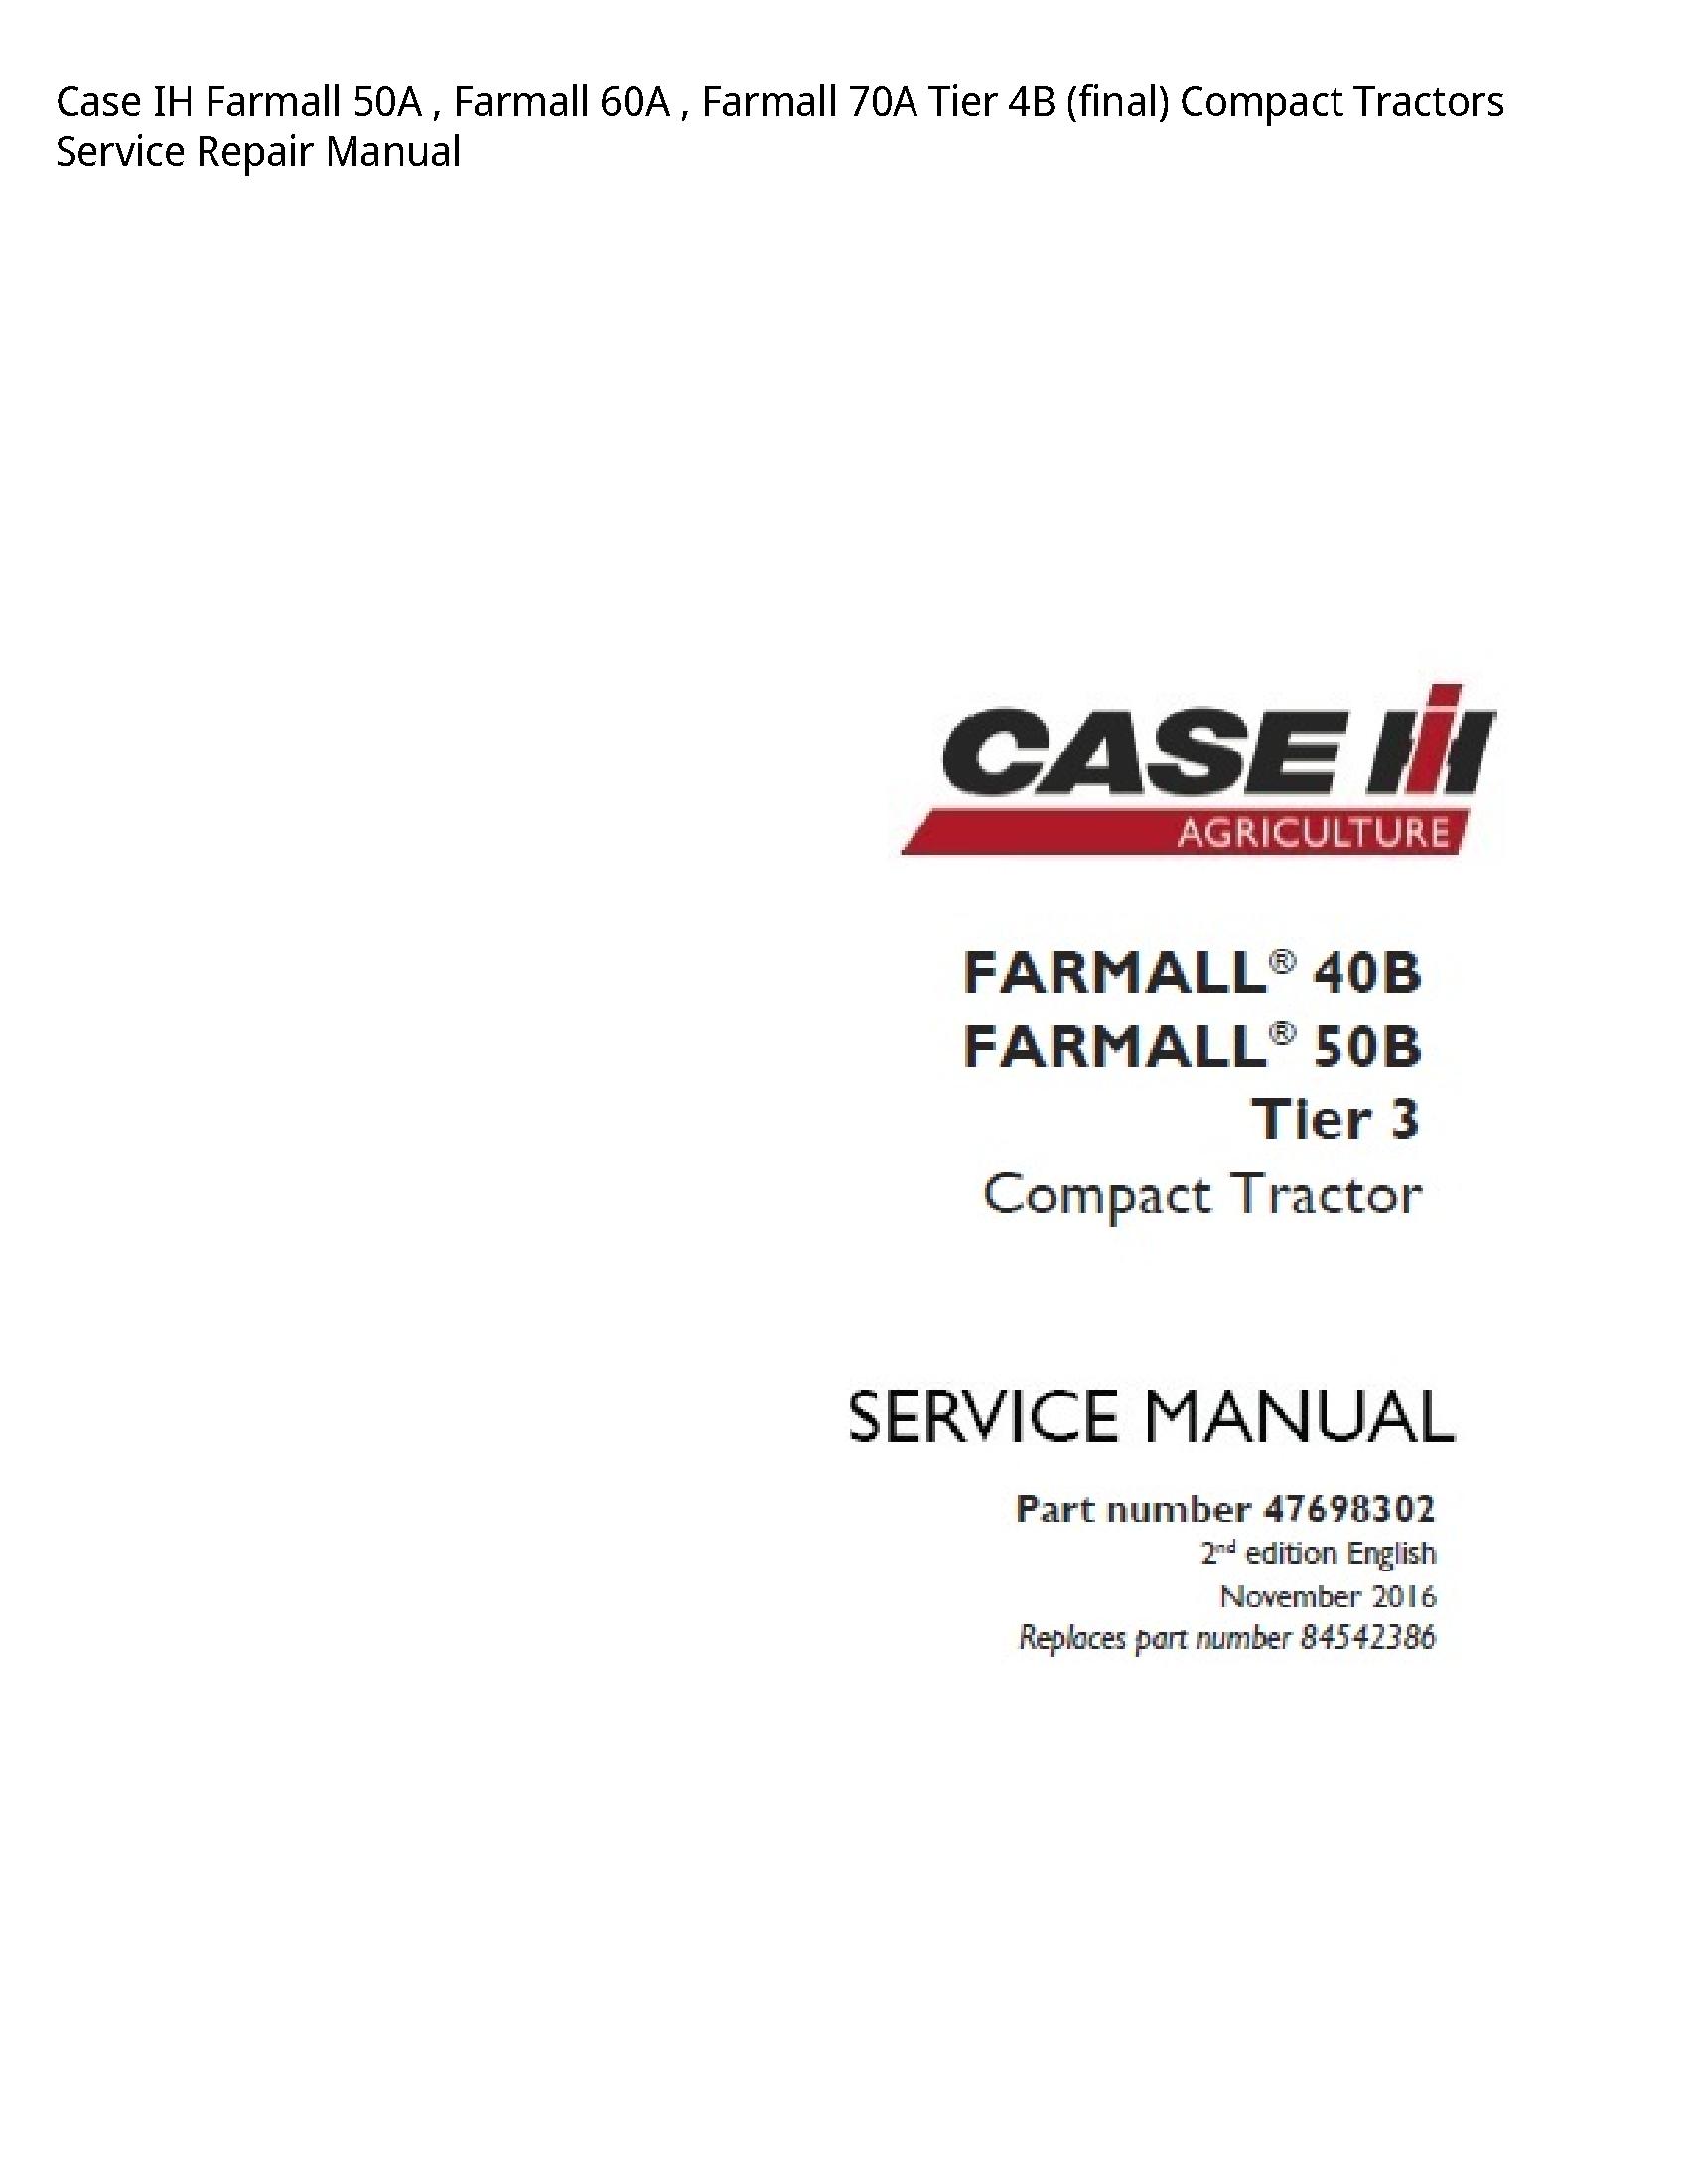 Case/Case IH 50A IH Farmall Farmall Farmall Tier (final) Compact Tractors manual